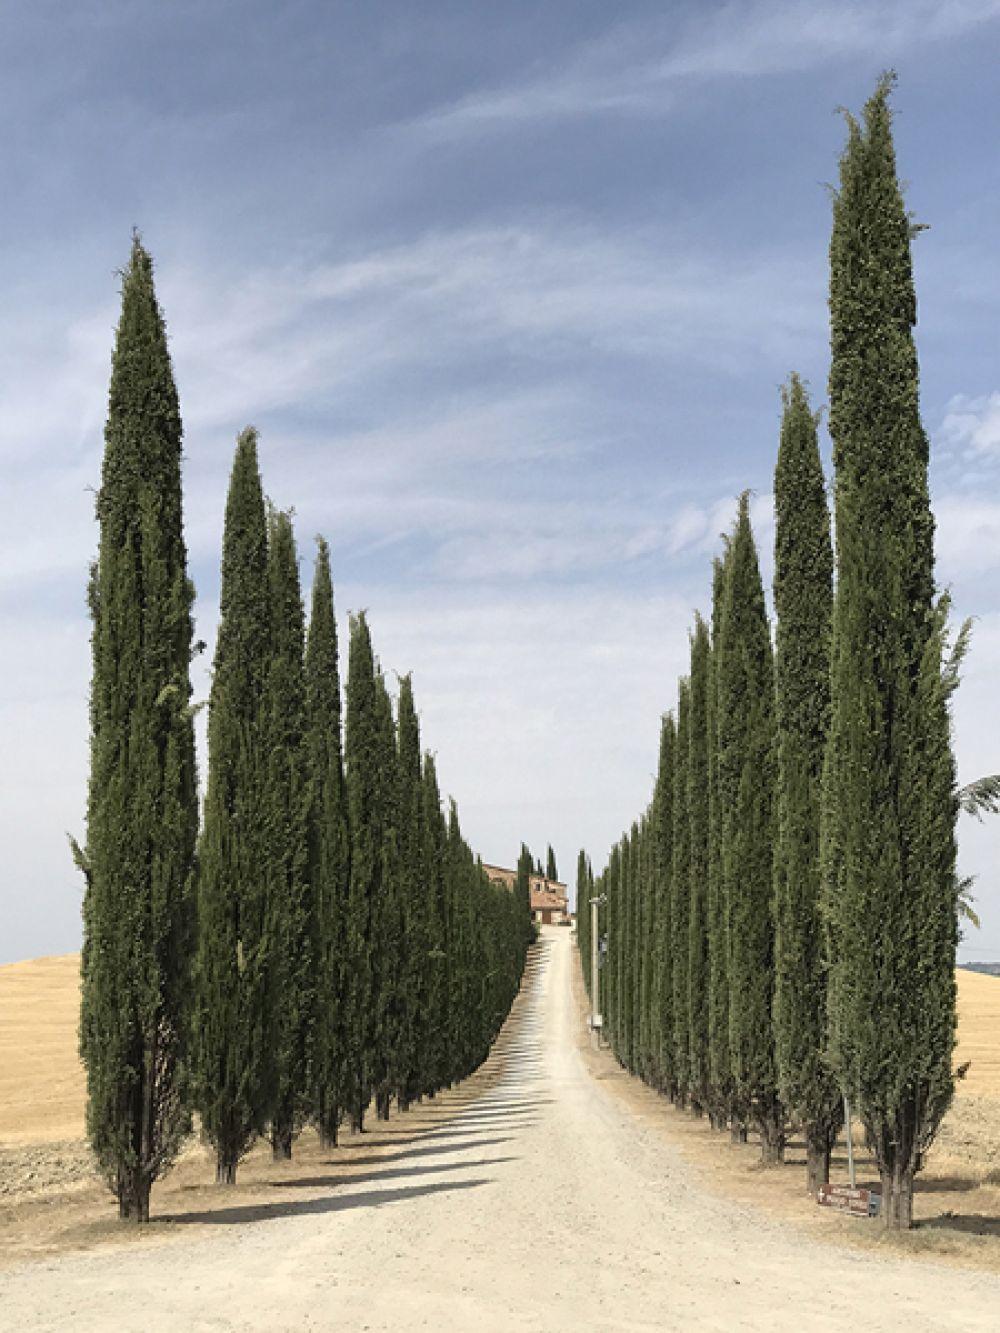 Лидия Мунтян, Румыния. 1-е место в категории «Деревья». Дорога Тосканы. Снято на iPhone 7 Plus.